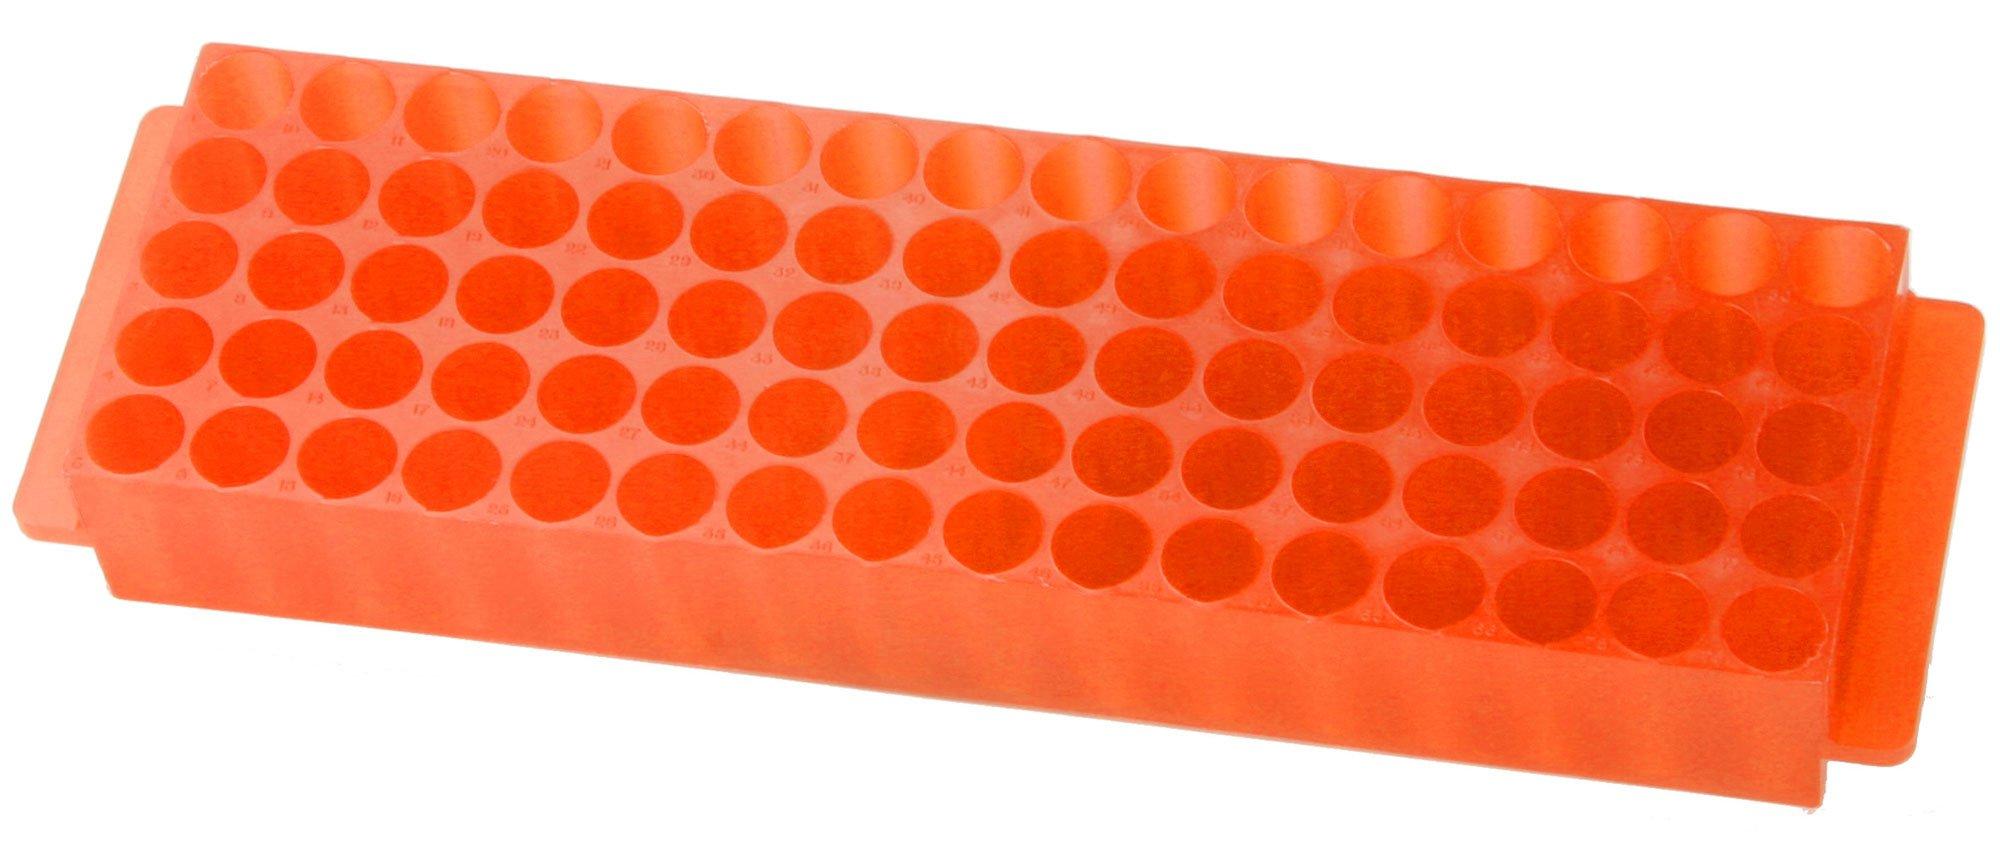 80-Well Microcentrifuge Tube Rack - Orange